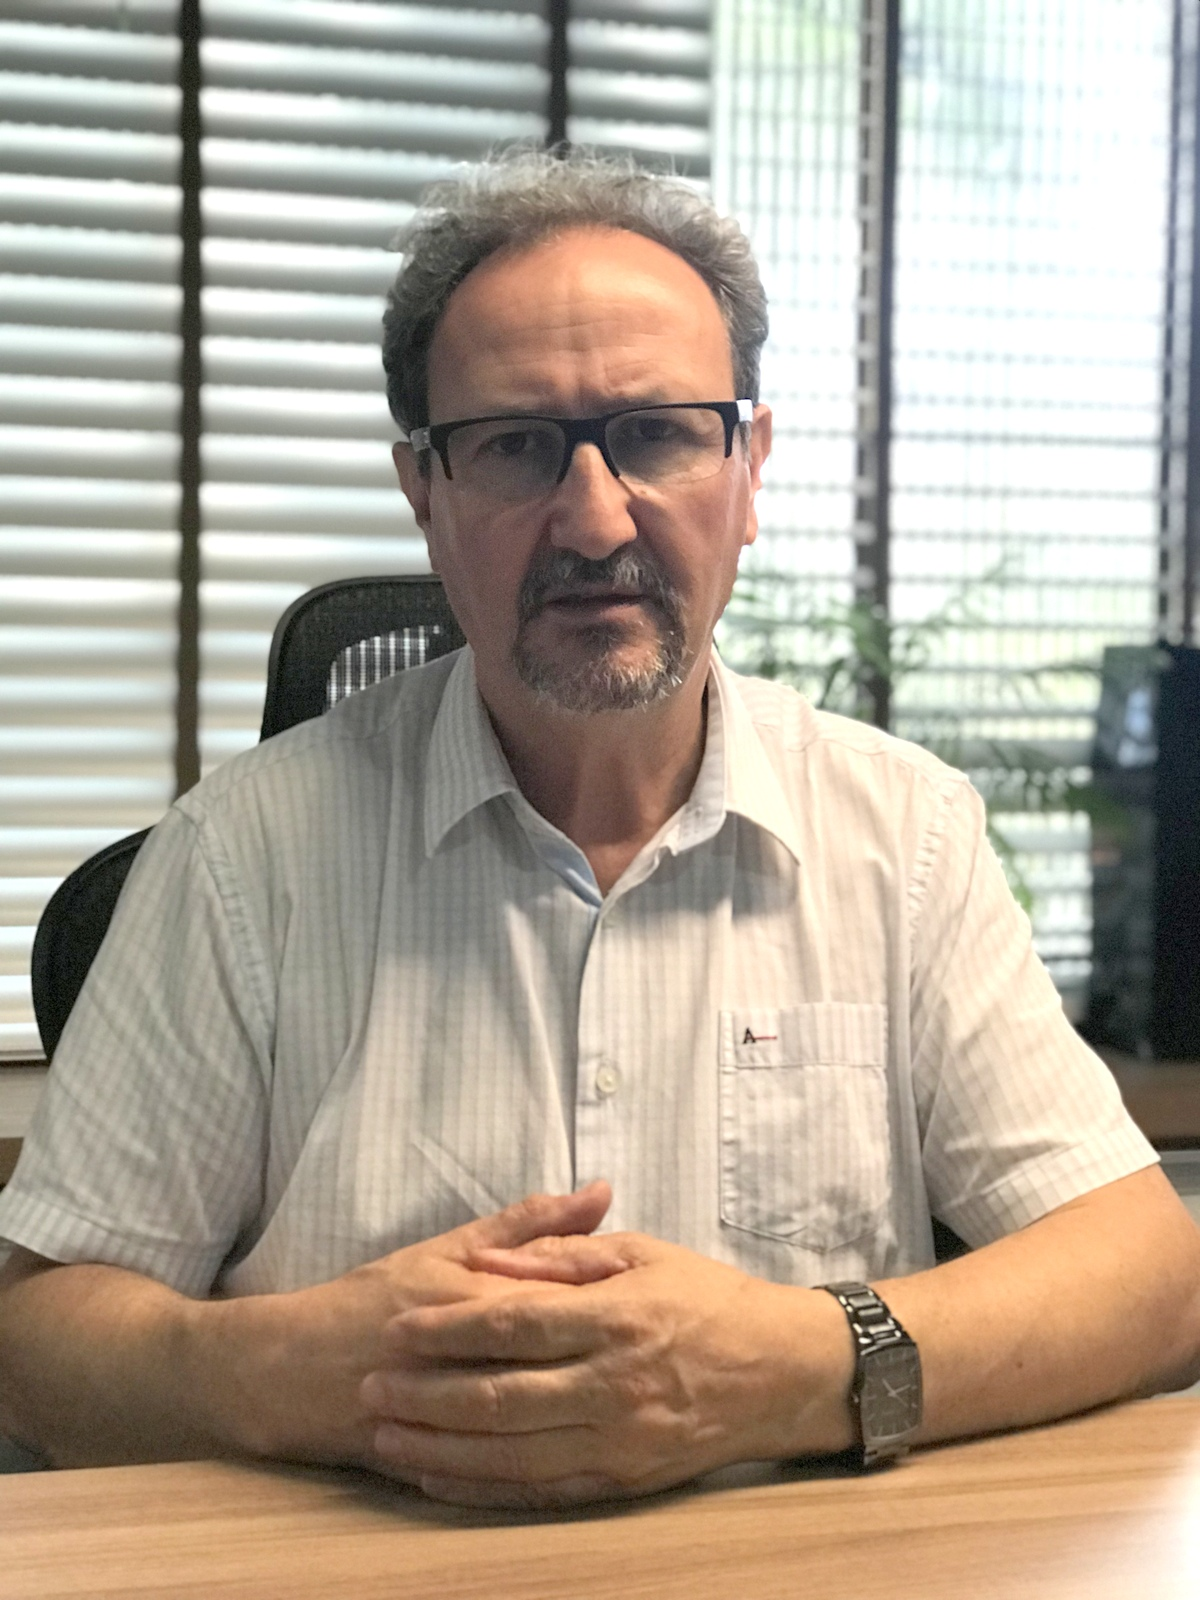 Legenda: Presidente do Sindicato dos Sapateiros de Parobé, João Pires, afirma que a entidade já perde valores significativos com a redução das contribuições sindicais